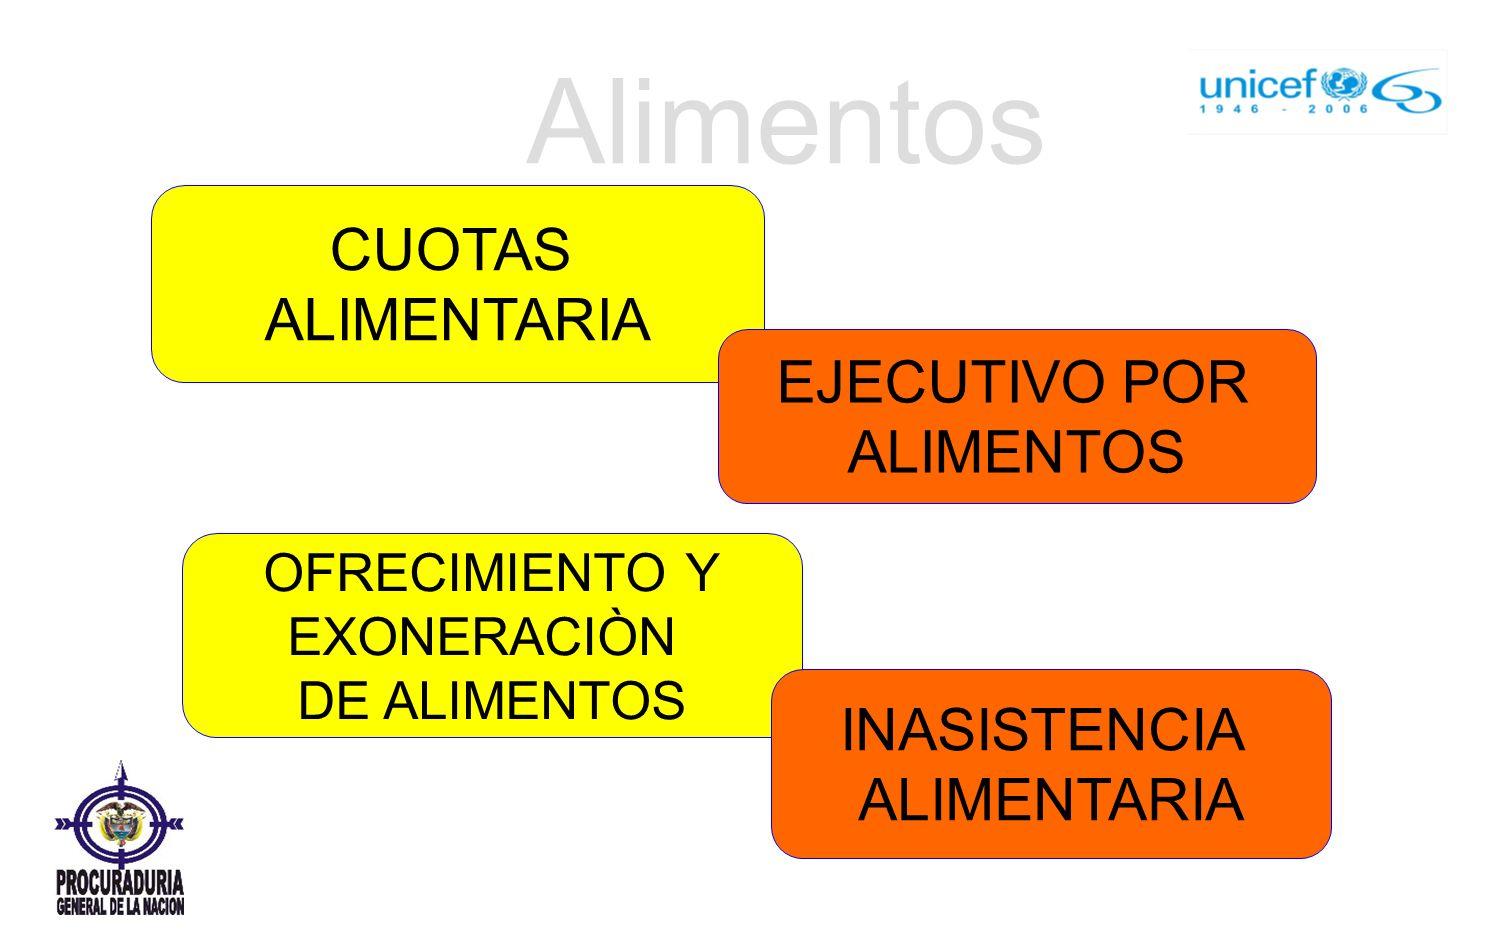 Alimentos CUOTAS ALIMENTARIA ALIMENTOS INASISTENCIA ALIMENTARIA